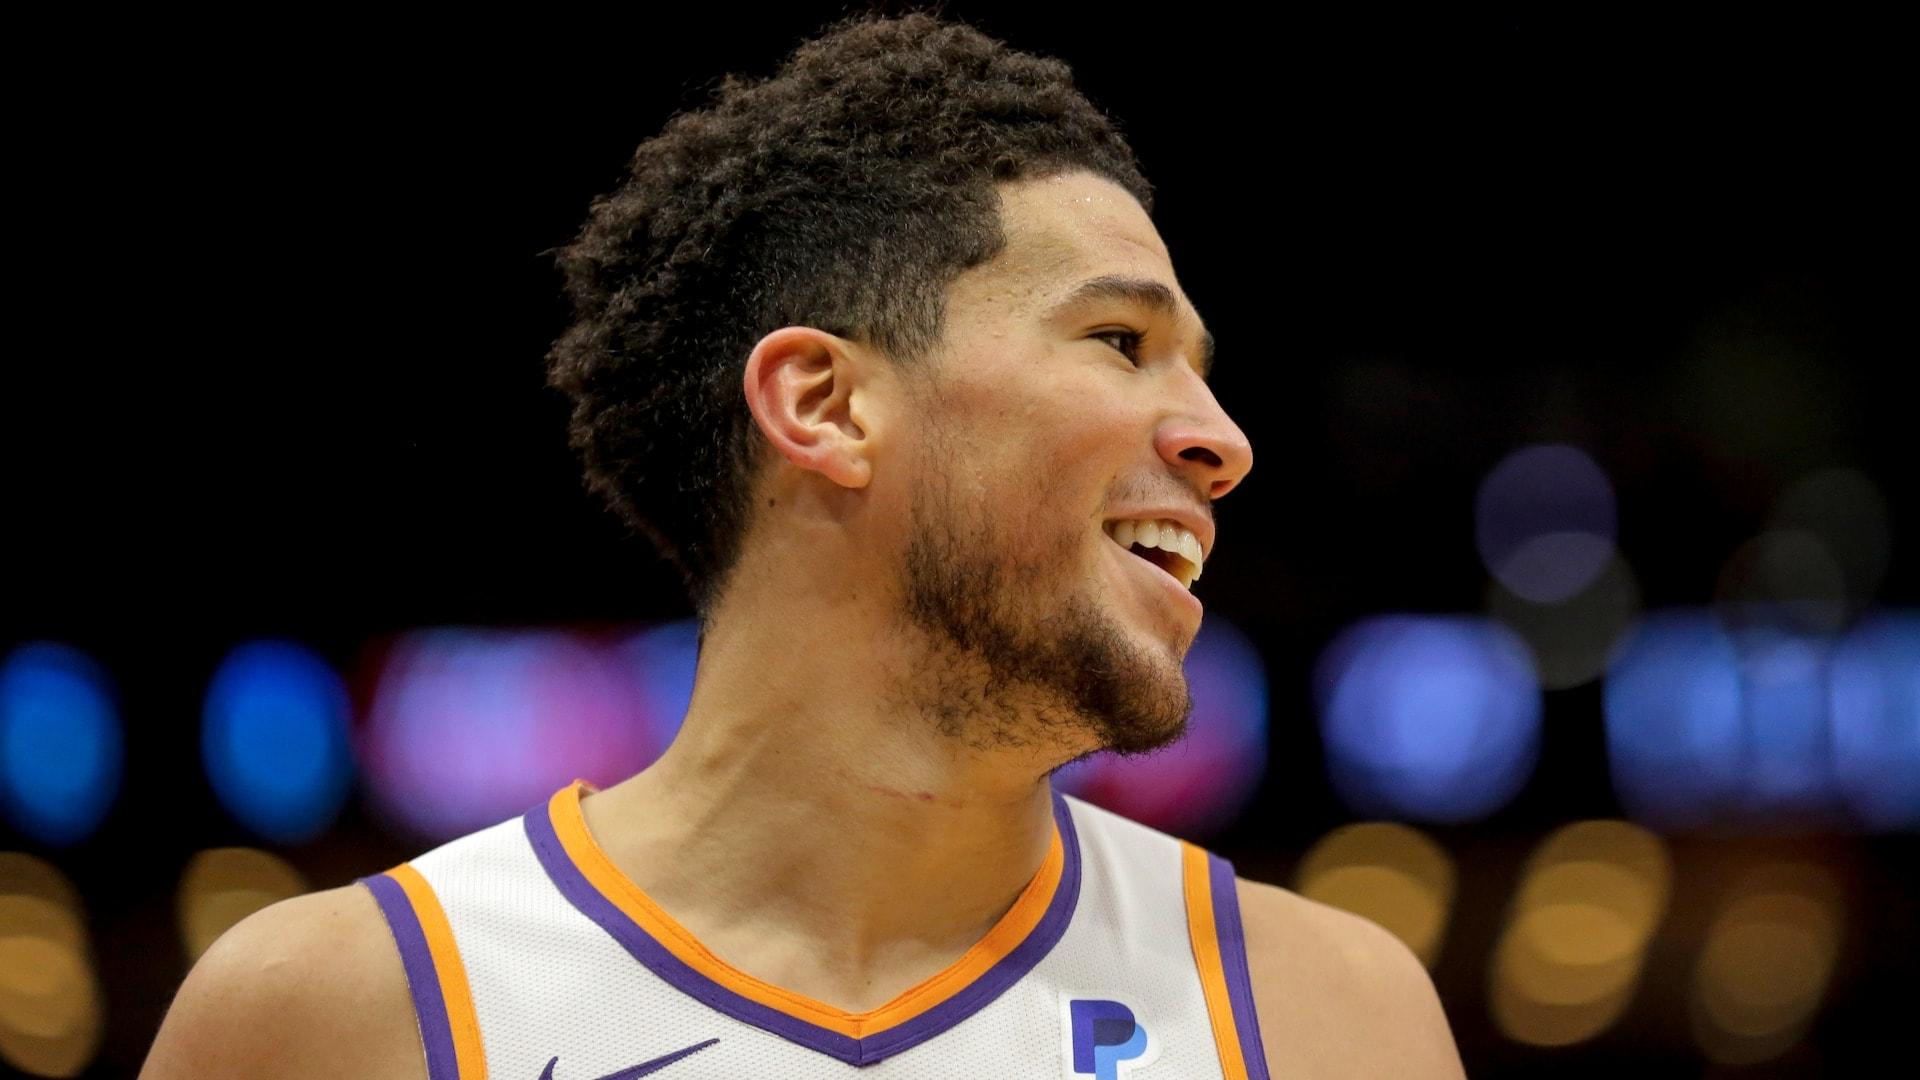 'Play it again' ... When NBA players hear their name in rap songs